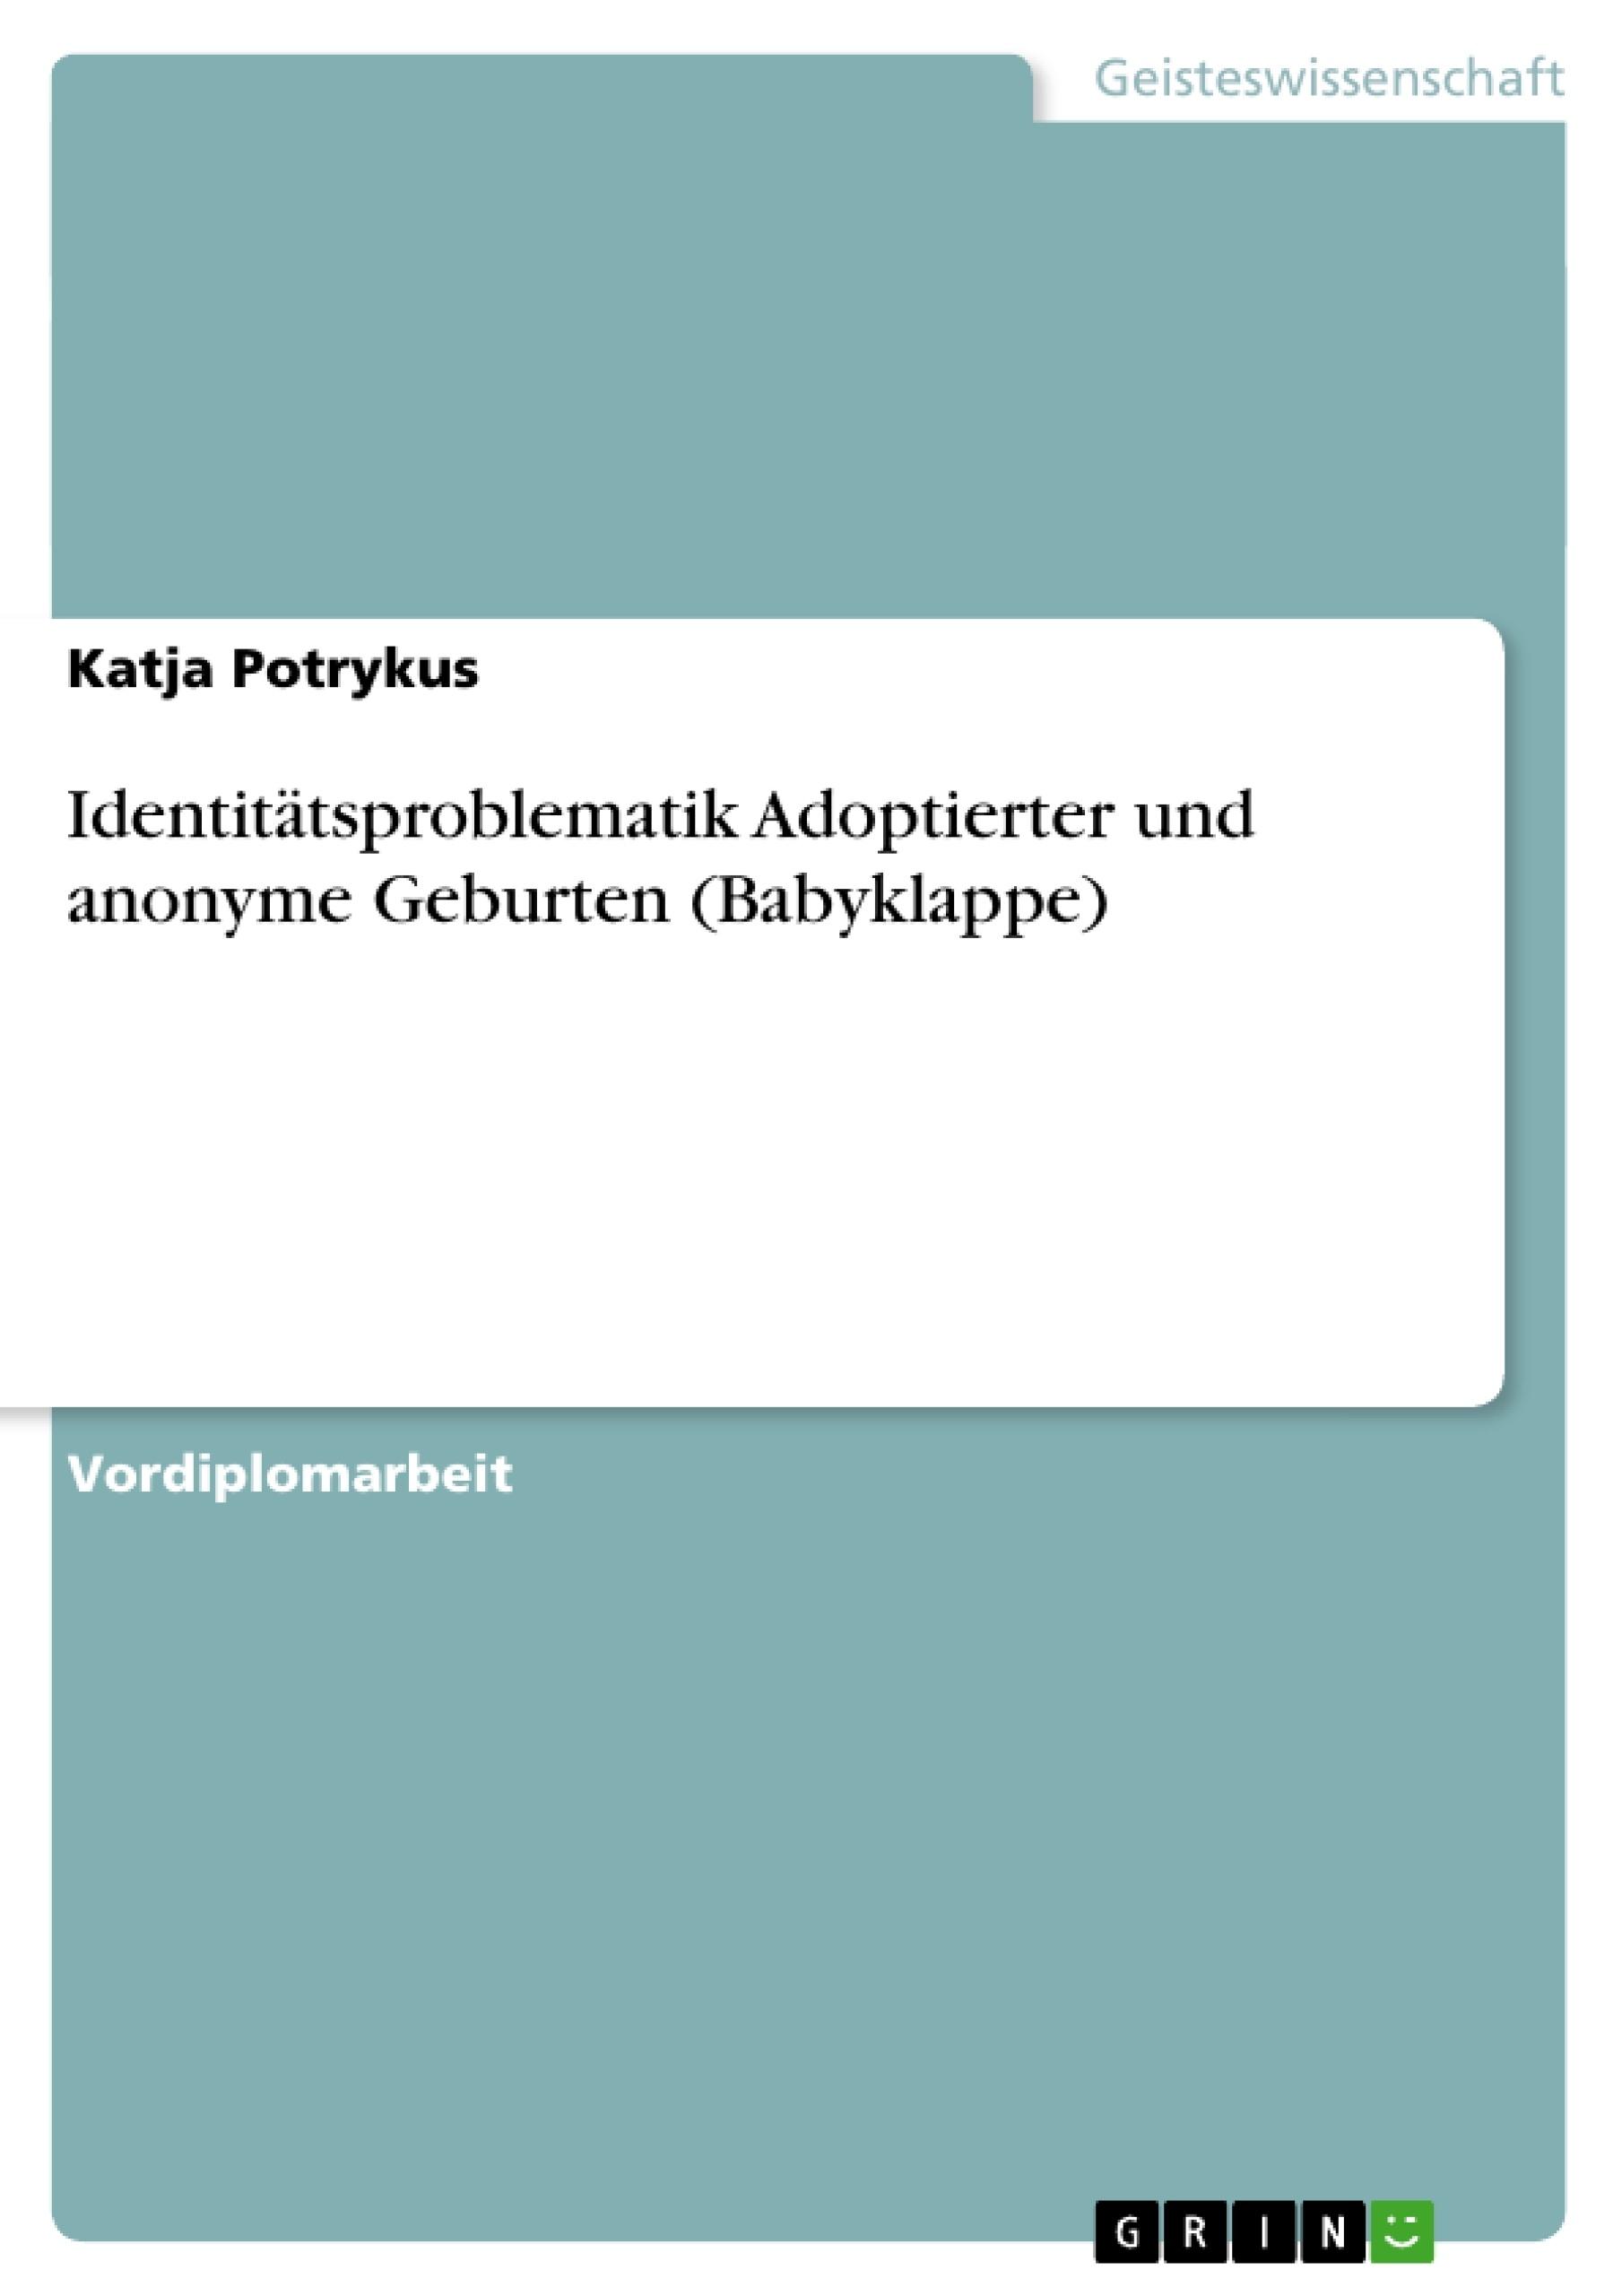 Titel: Identitätsproblematik Adoptierter und anonyme Geburten (Babyklappe)